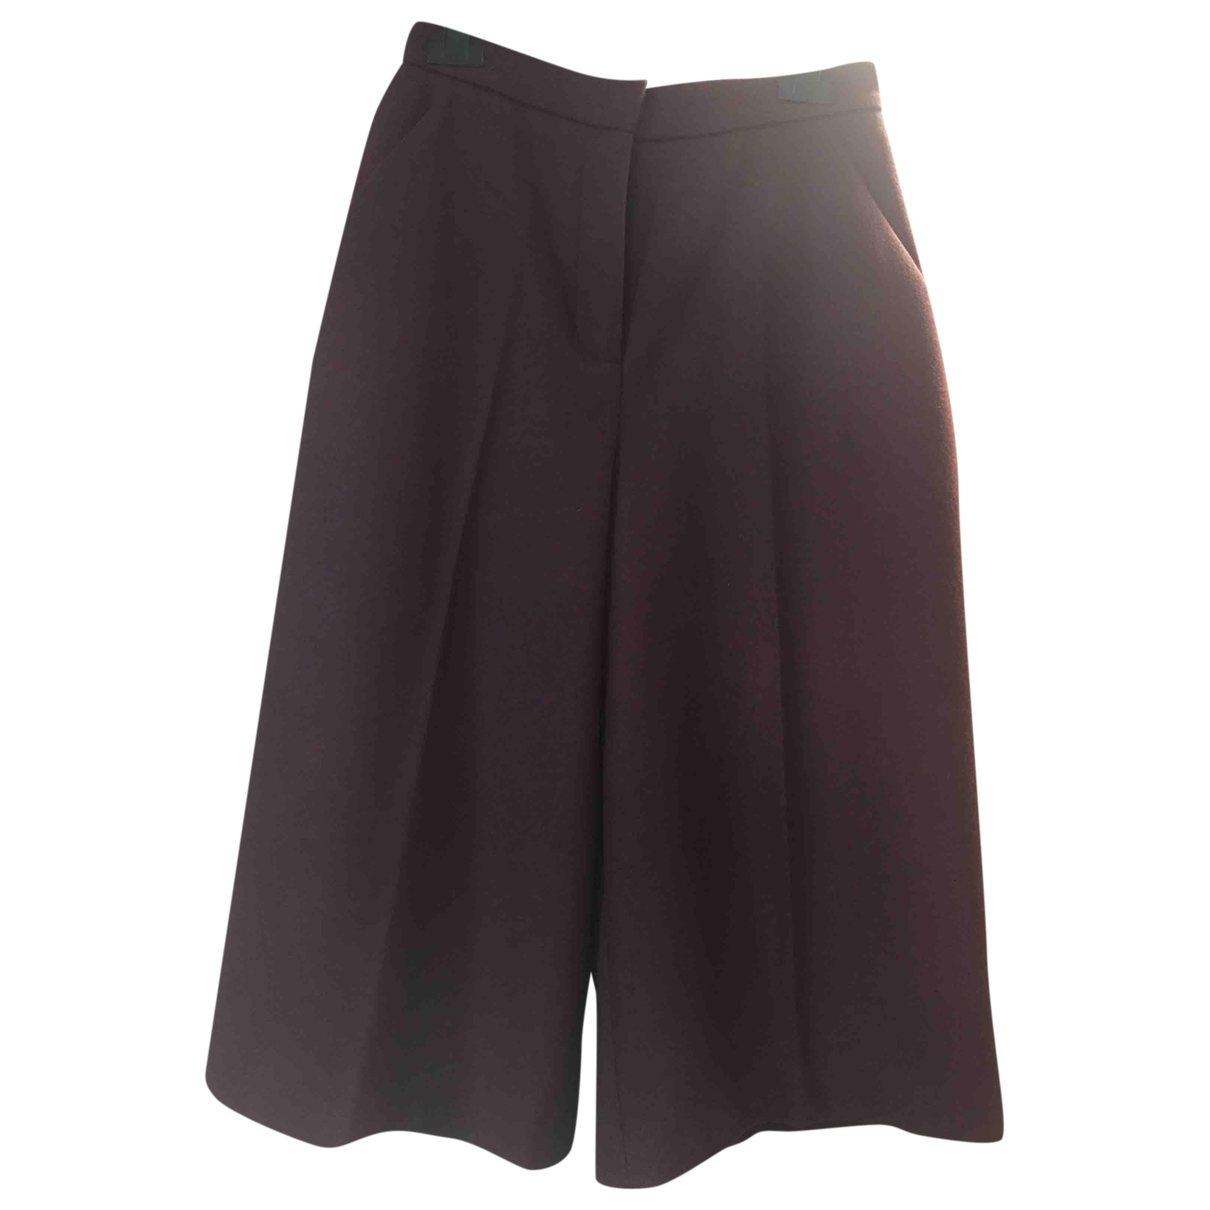 Pantalon largo de Lana Harmony